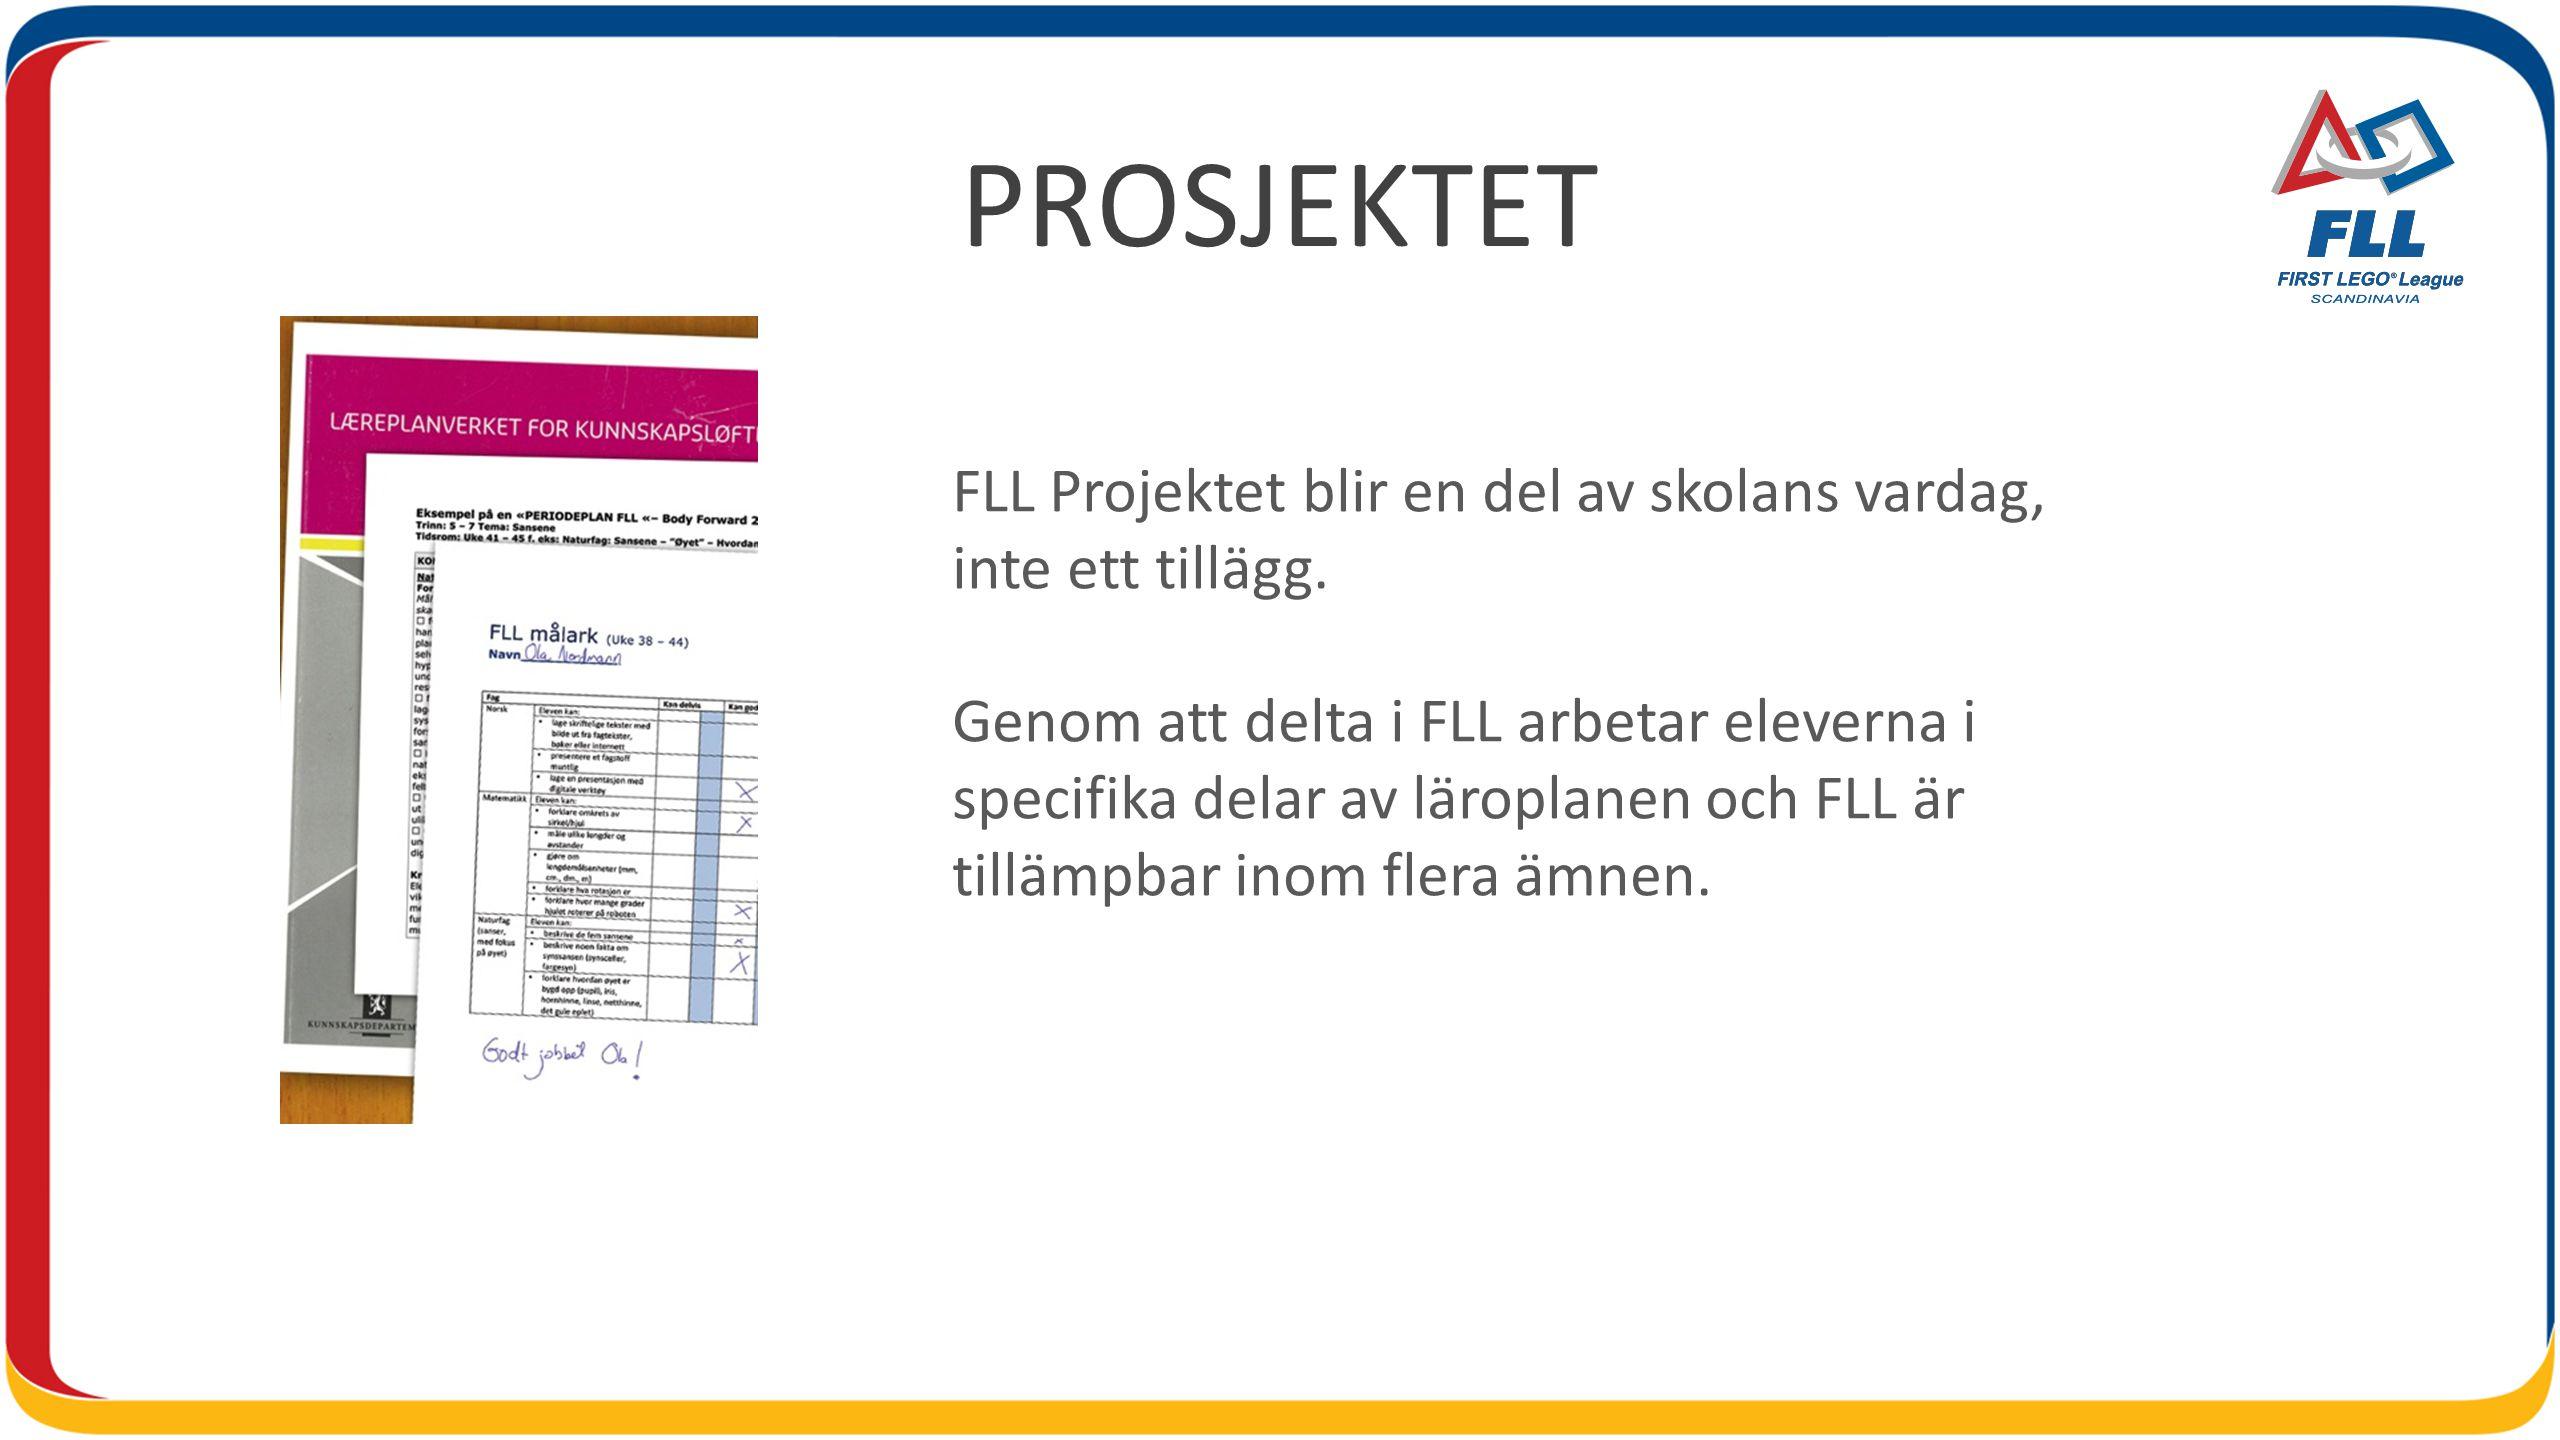 PROSJEKTET FLL Projektet blir en del av skolans vardag, inte ett tillägg.